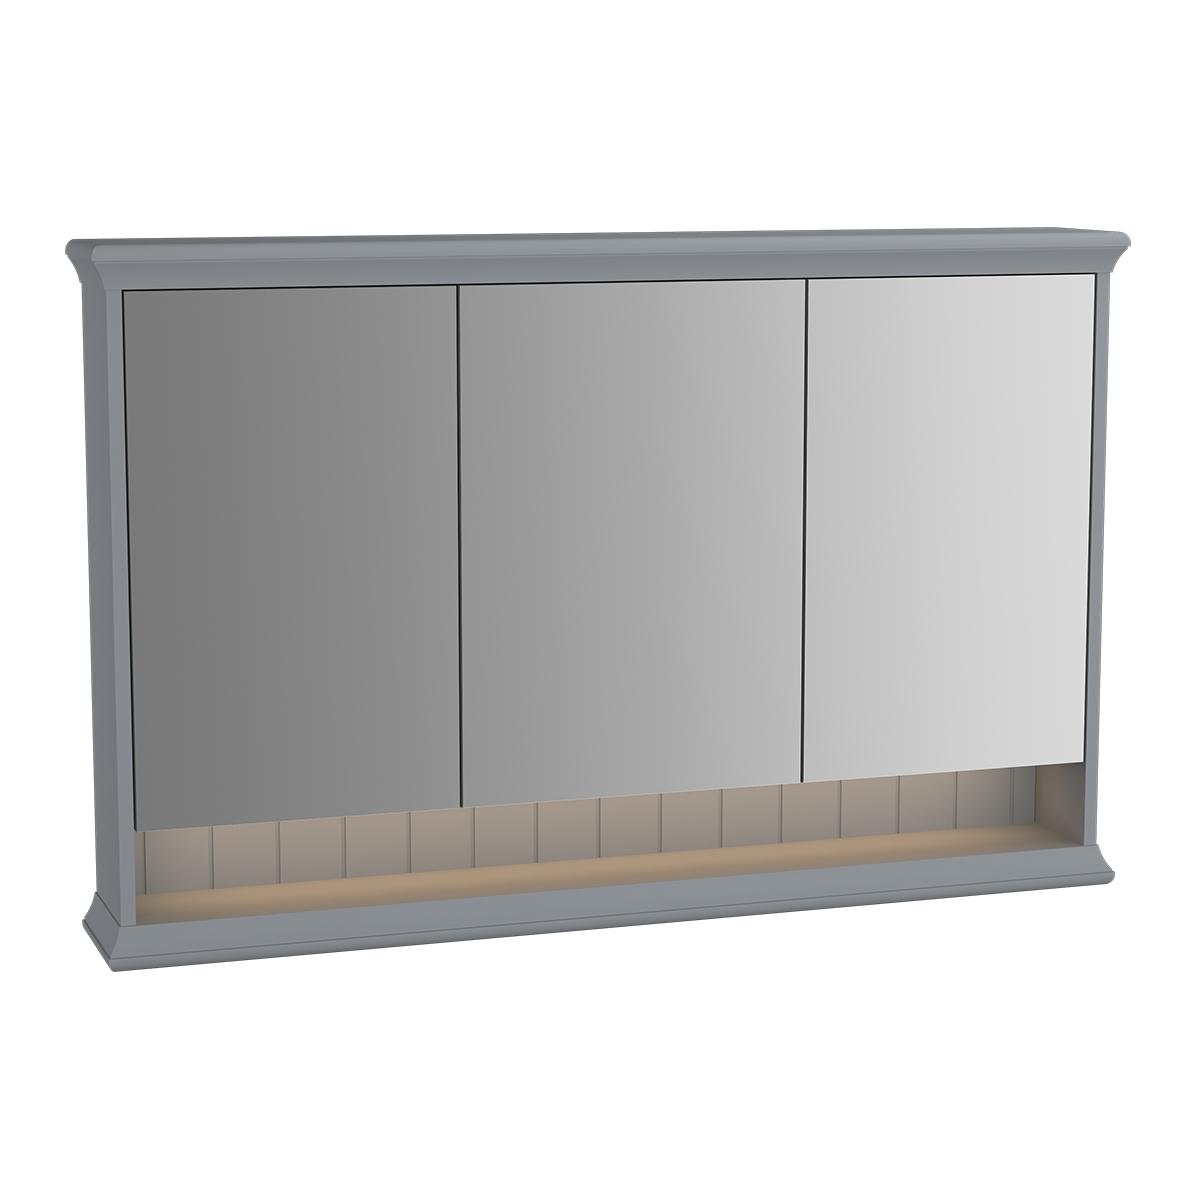 Valarte armoire de toilette, 120 cm, gris mat